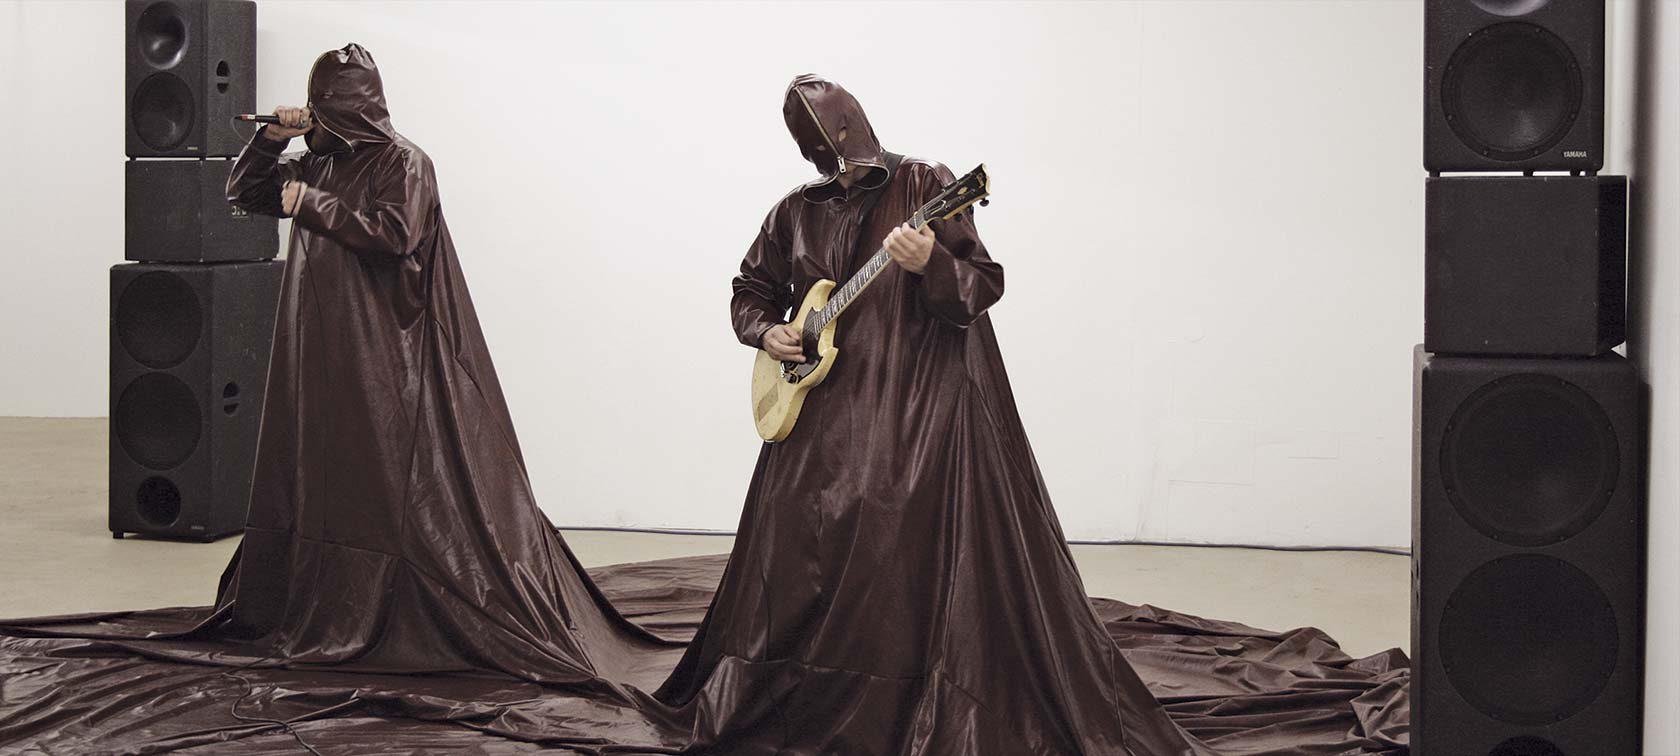 Die Death–Metal Gewänder sind ca 6 x 5 m groß und werden jeweils nur für eine einzige Performance verwendet.